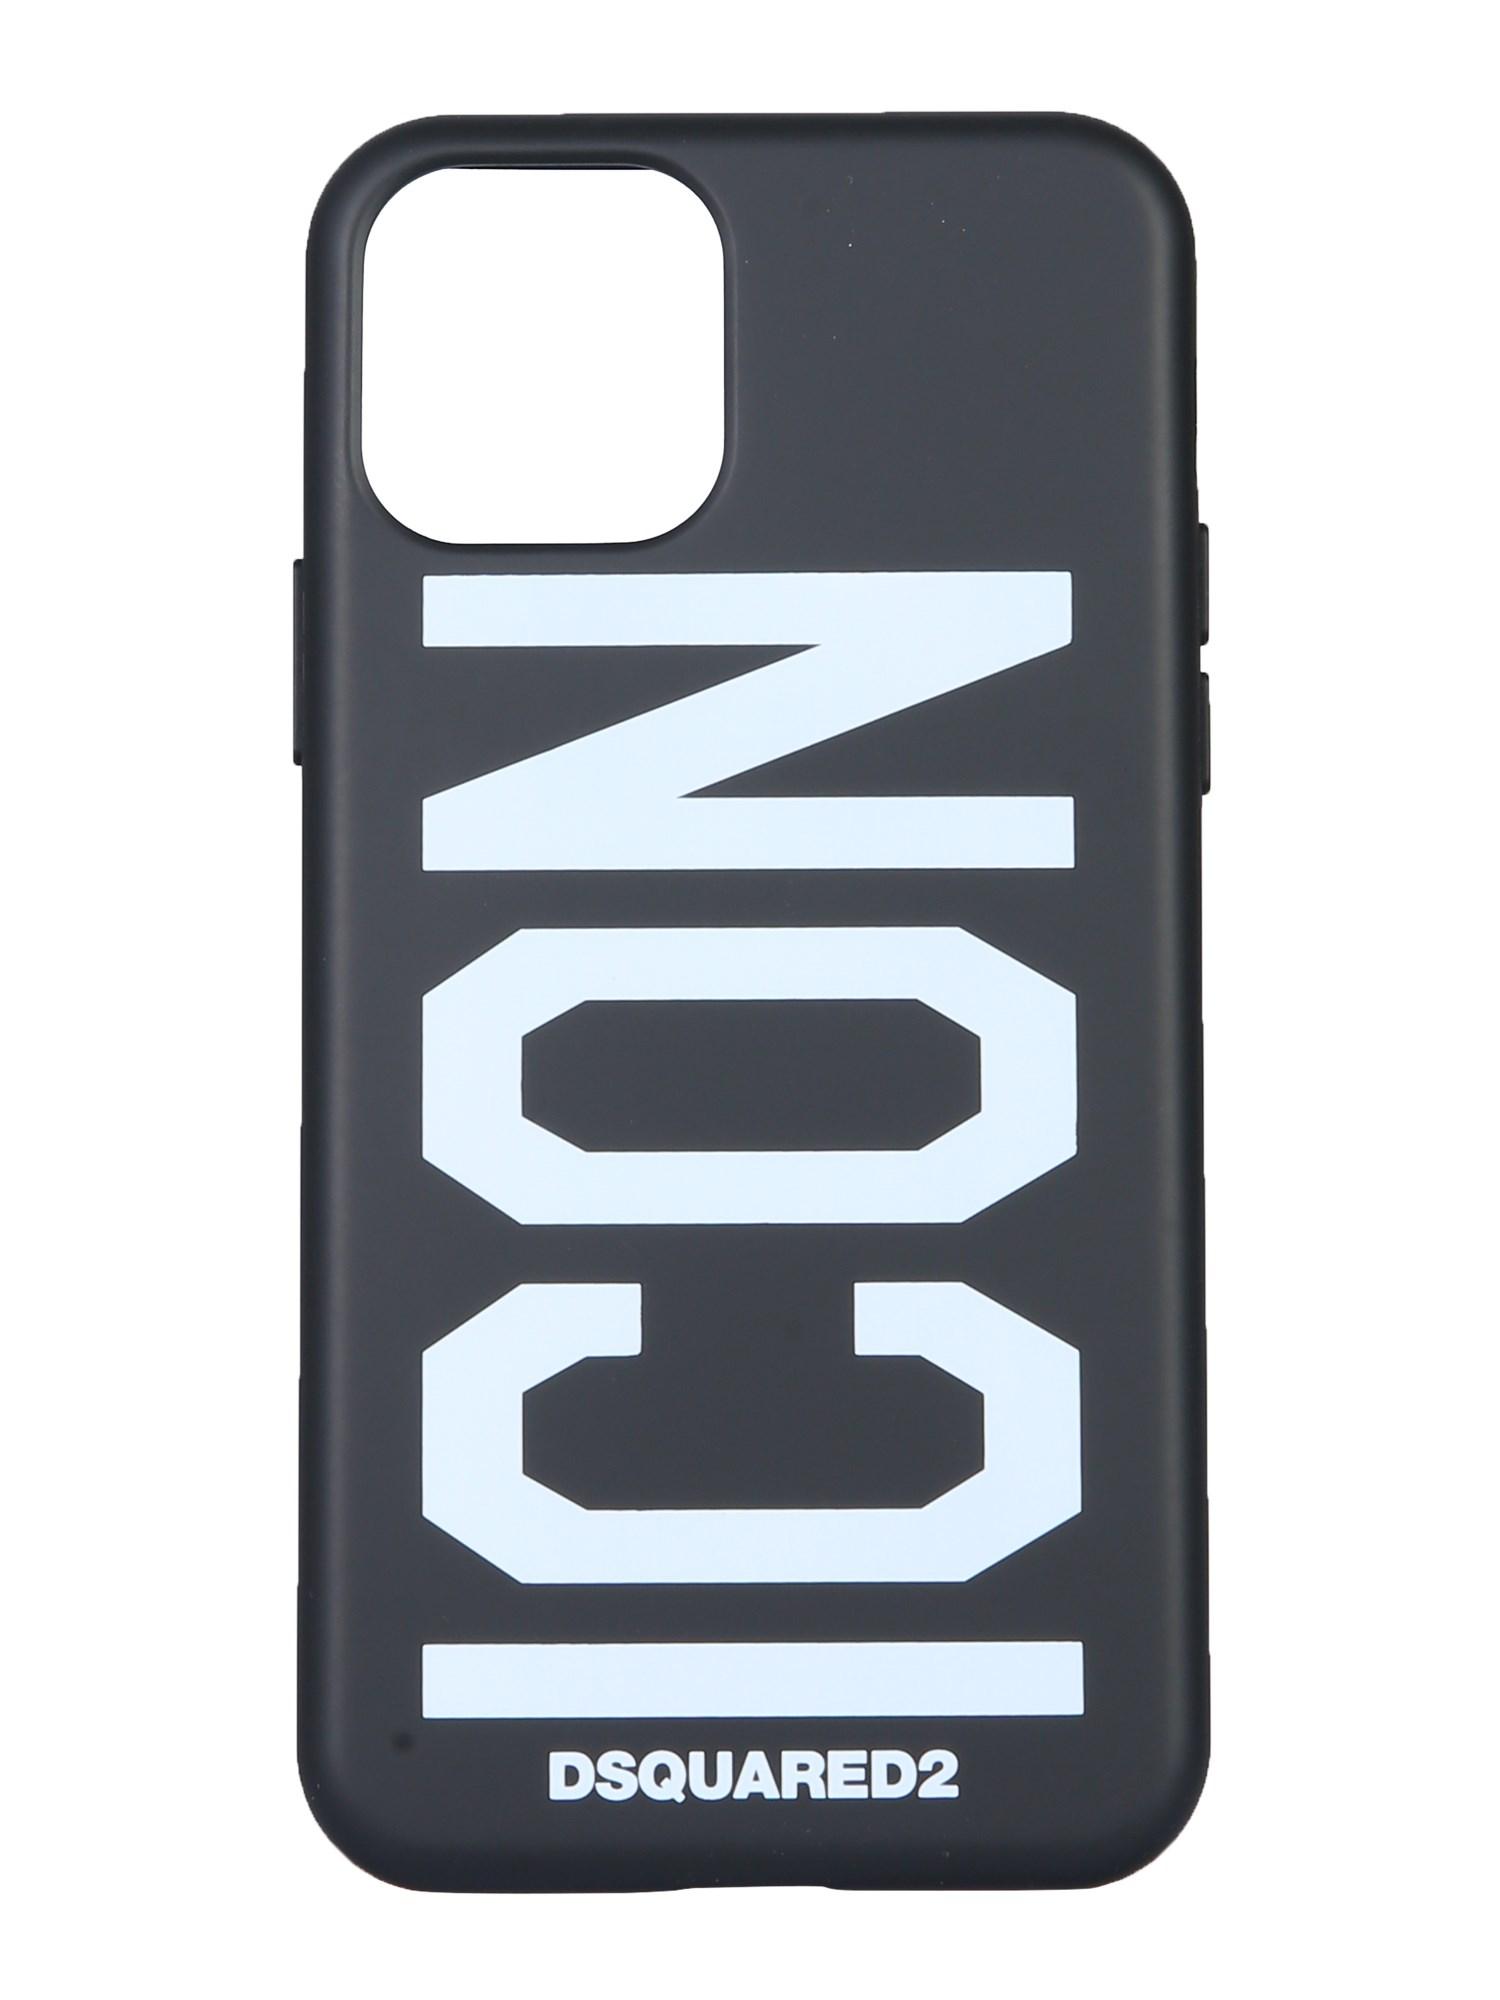 Dsquared iphone cover - dsquared - Modalova